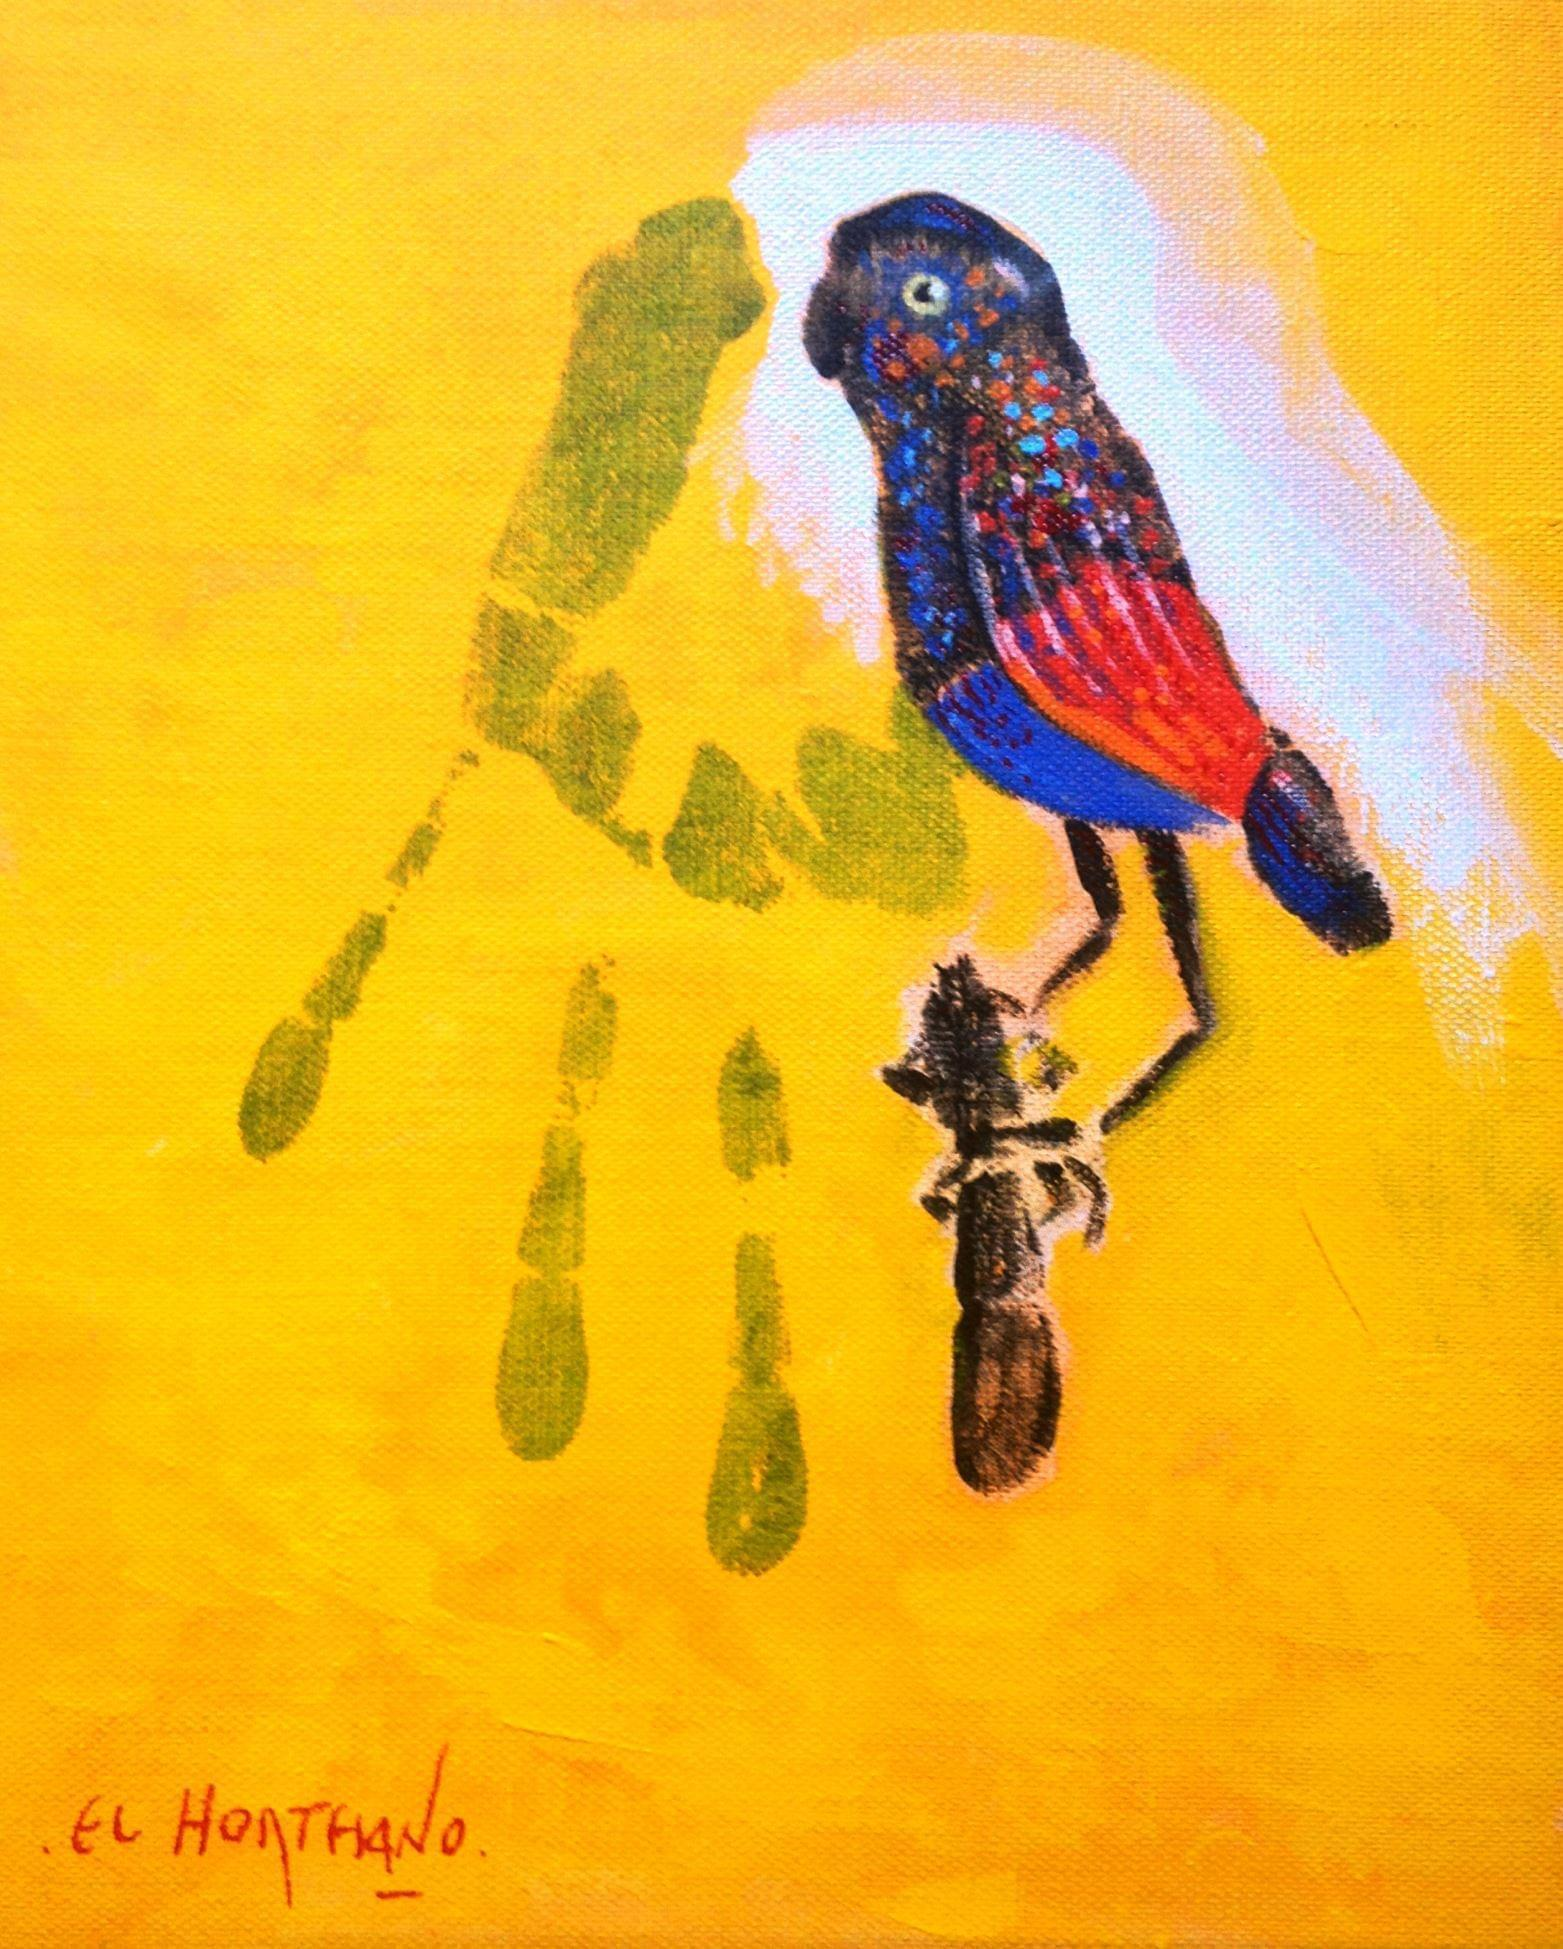 17-EH017 102-El pájaro en mi rama Óleo y técnica mixta sobre lienzo 28 x 22 cm 2013